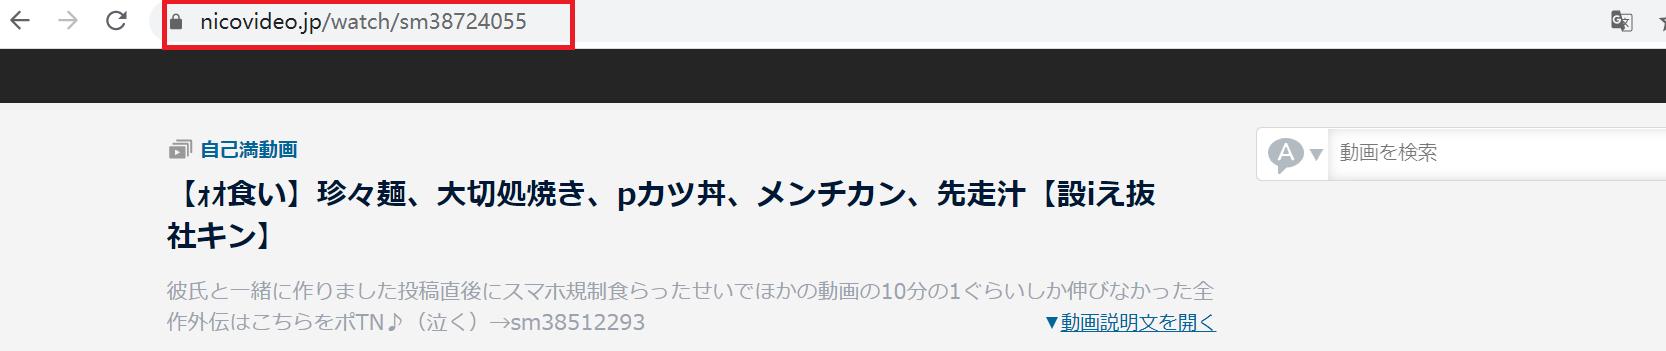 ニコニコ動画の再生URLをコピー